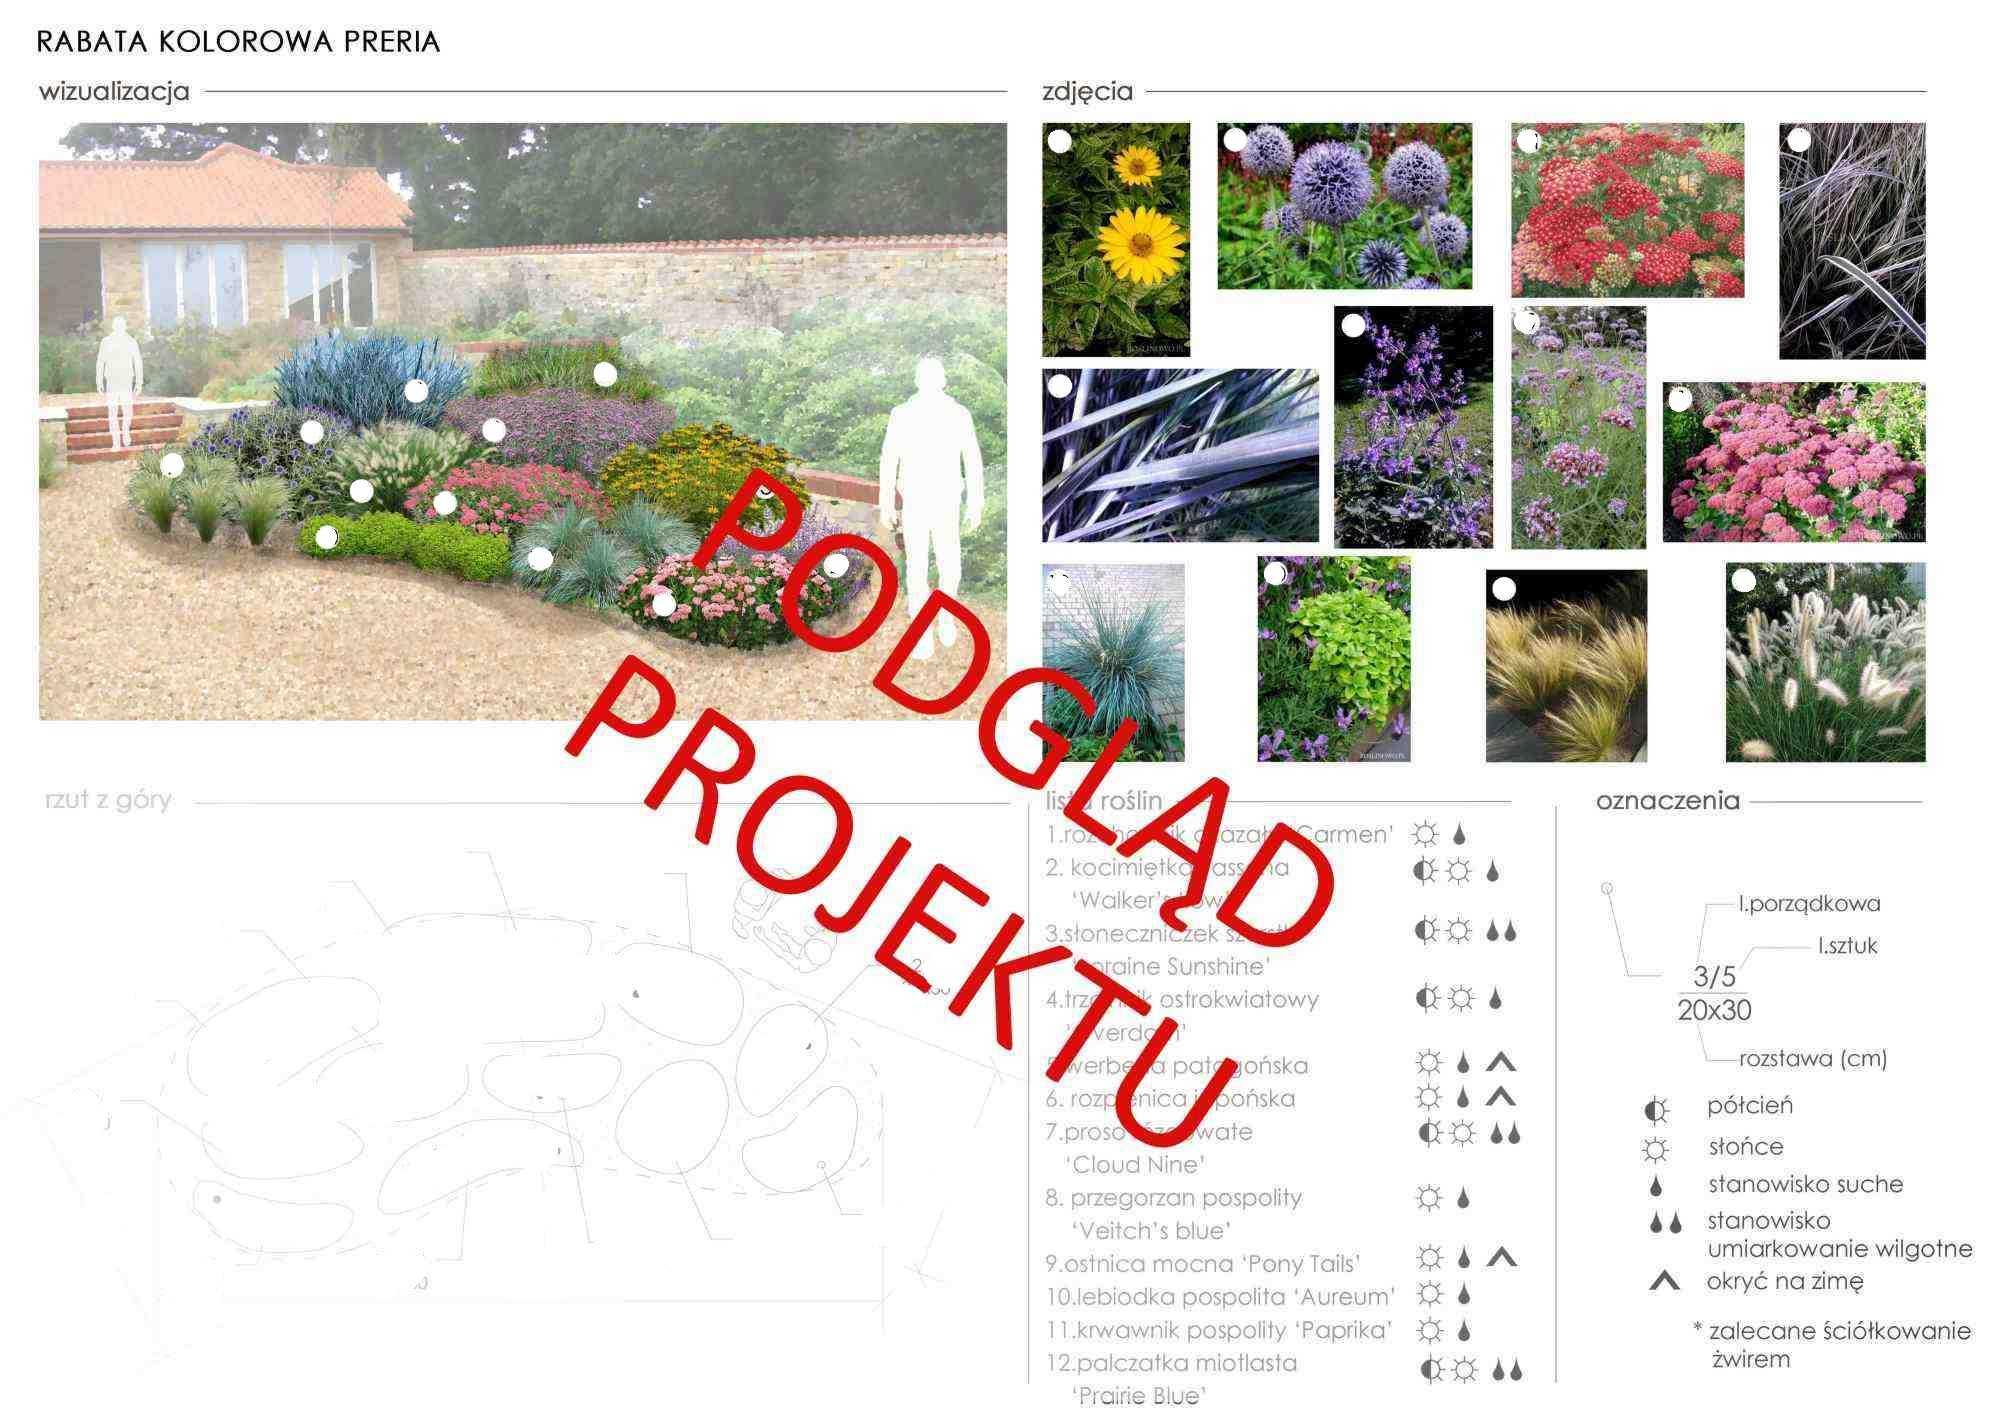 plan nasadzeń roślin do rabaty kolorowa preria